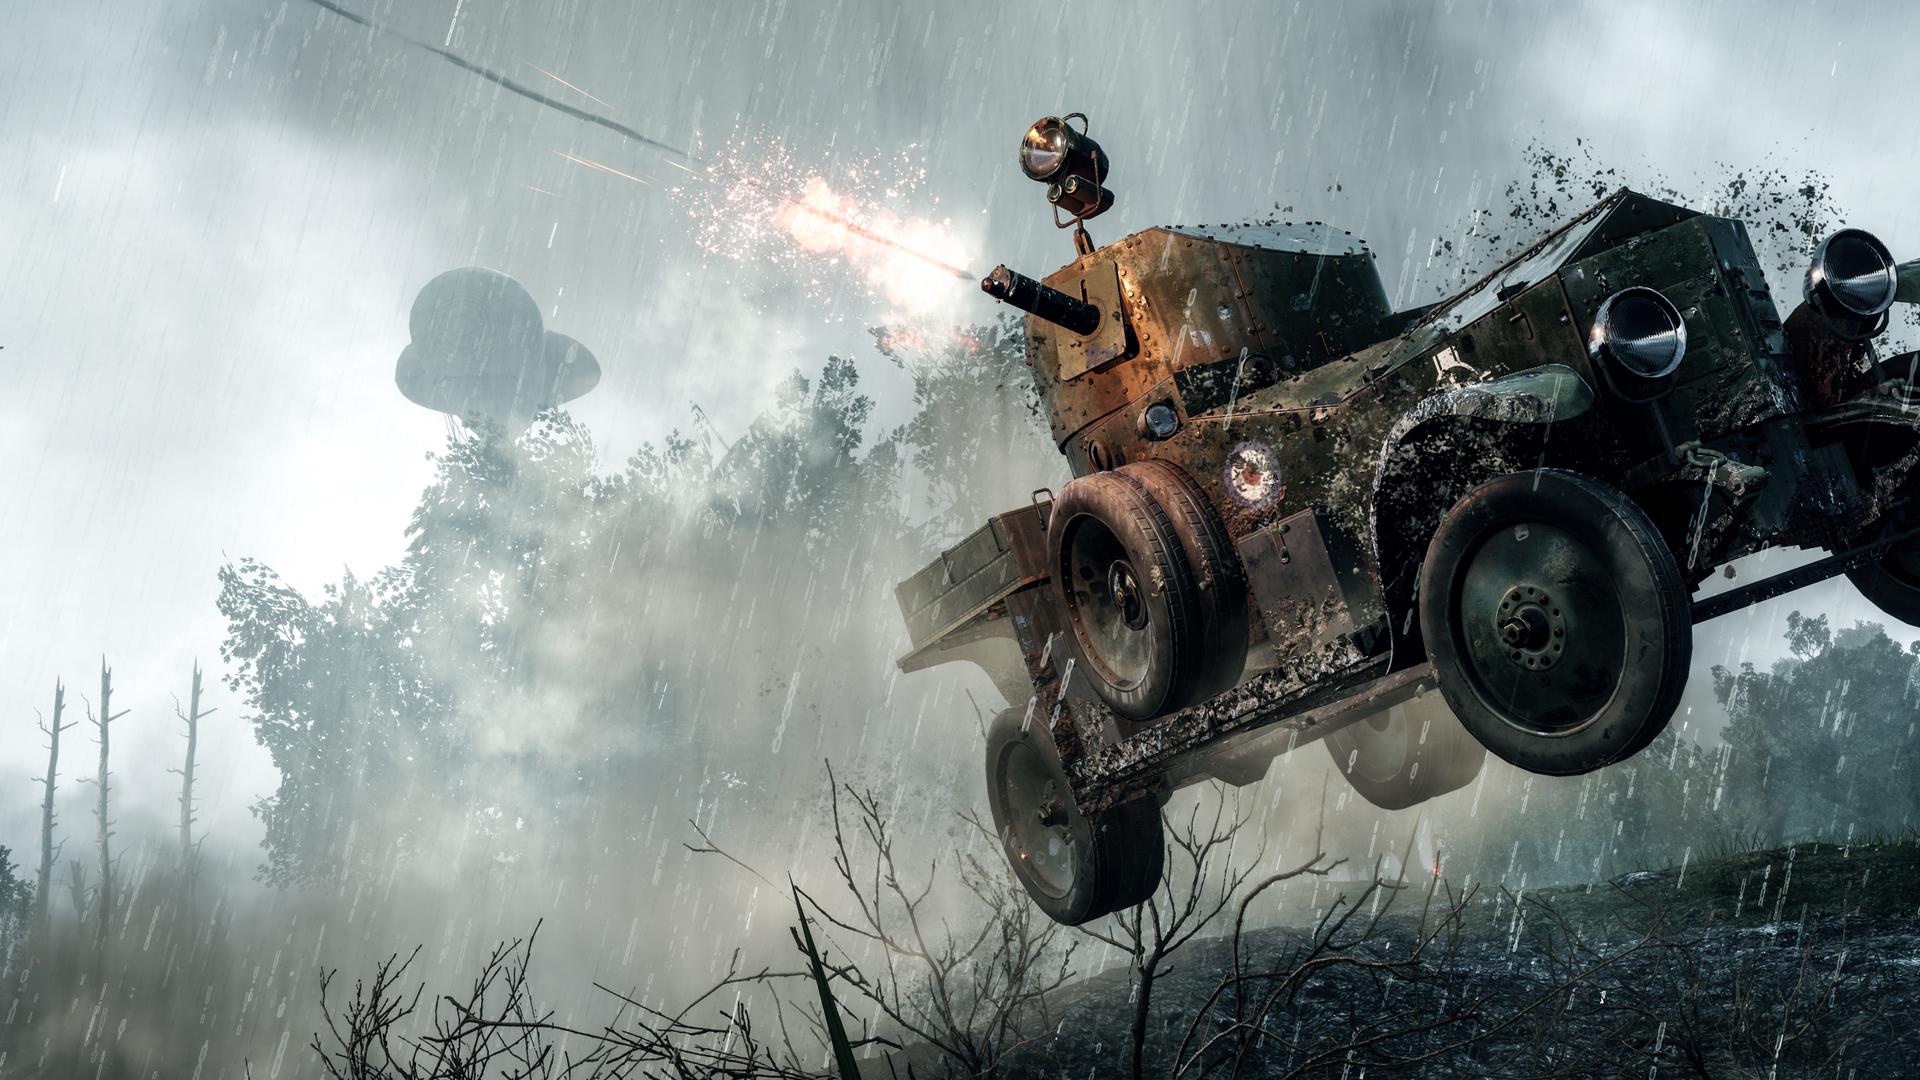 Battlefield 1 Wallpaper Hd 1080p Best Wallpaper Foto In 2019